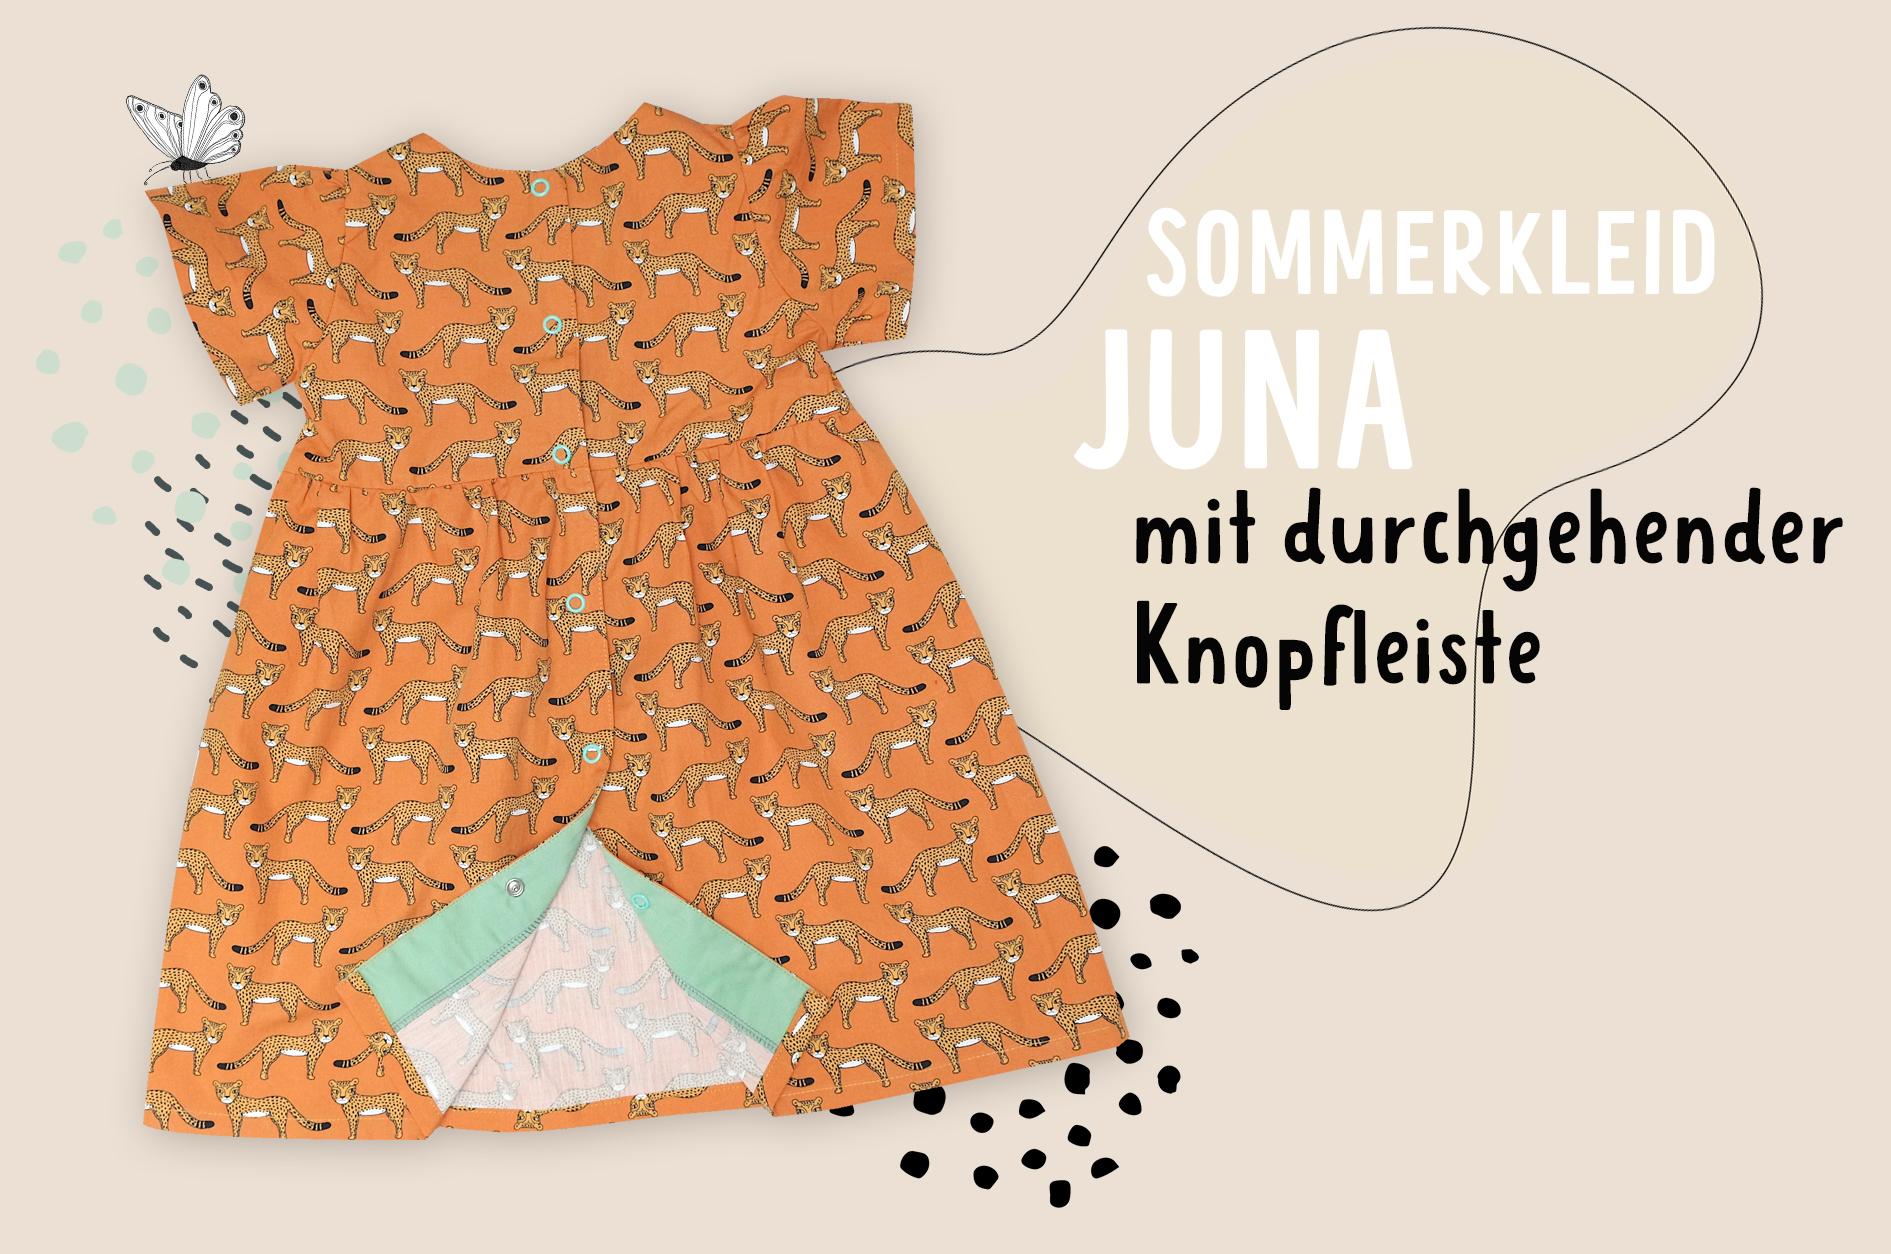 Anleitung: Durchgehende Knopfleiste für das Sommerkleid Juna